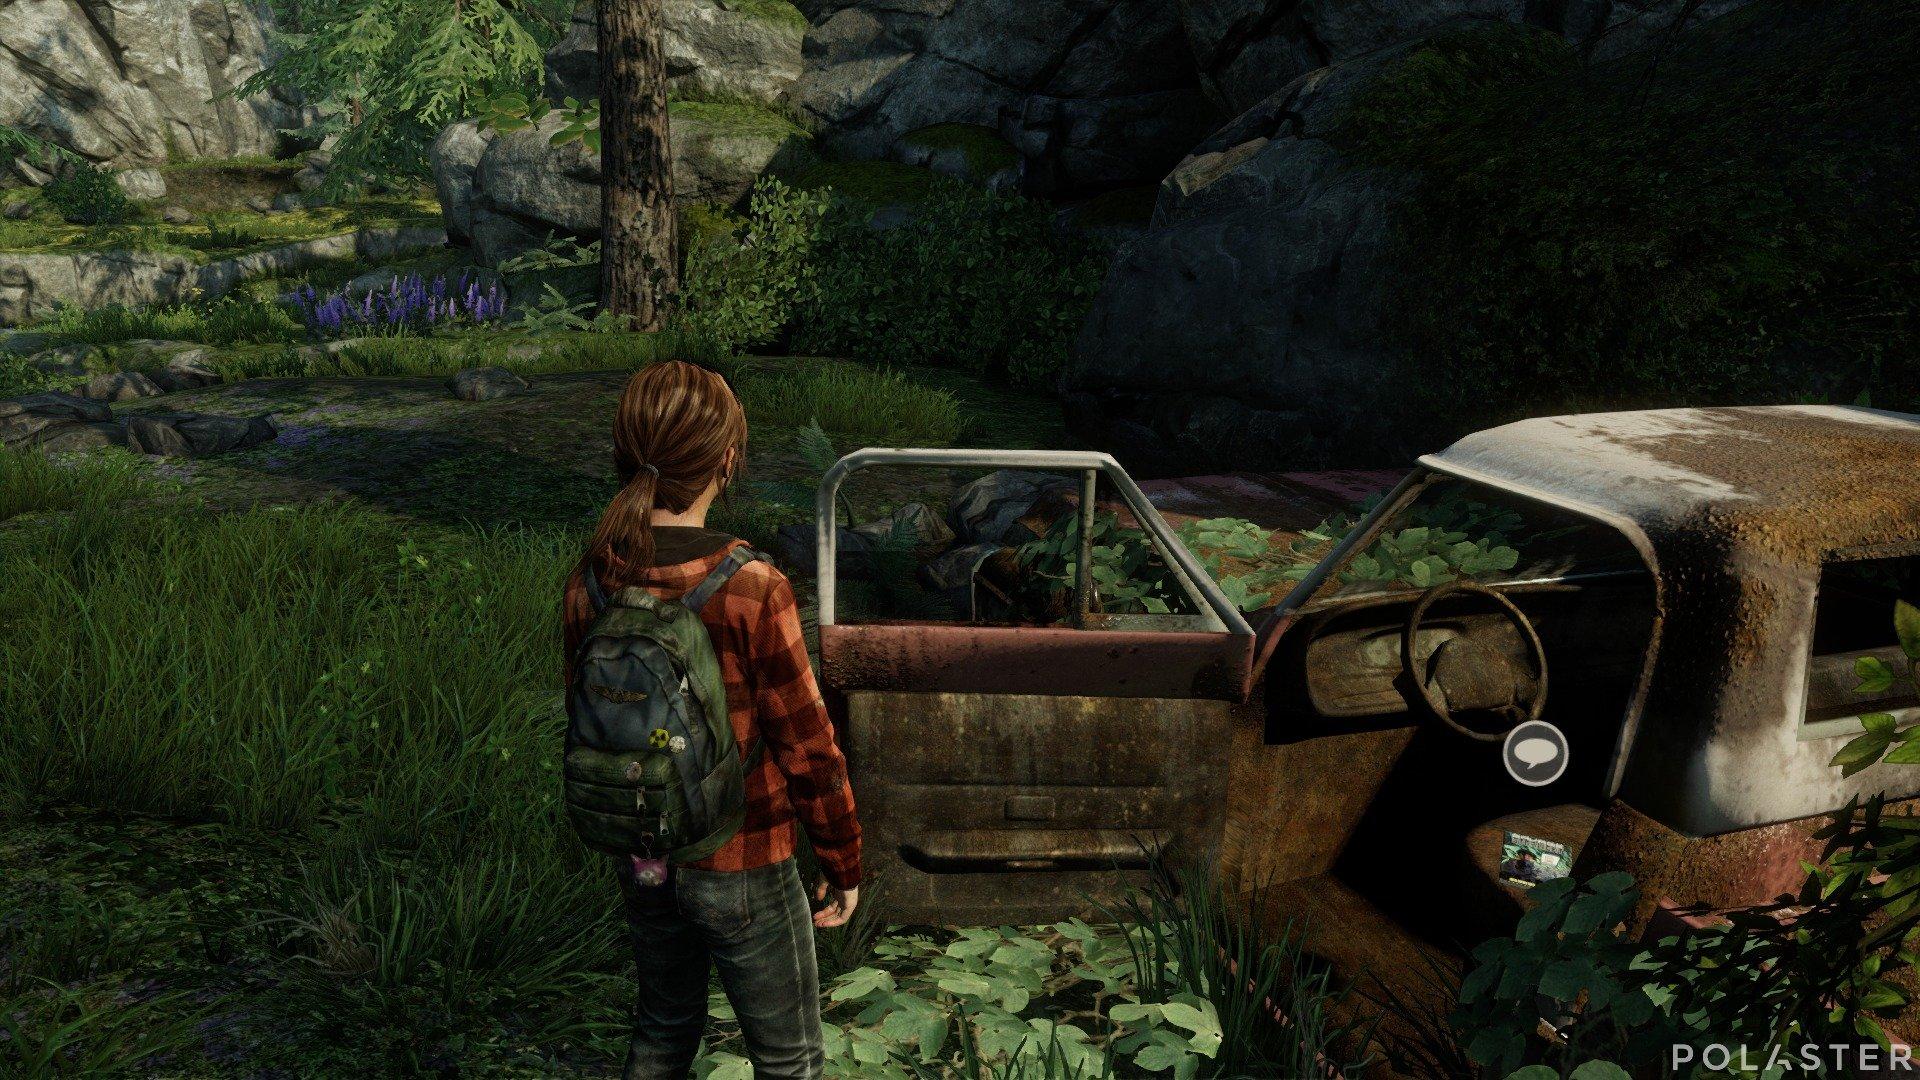 The Last of Us Cómic (Singularidad)